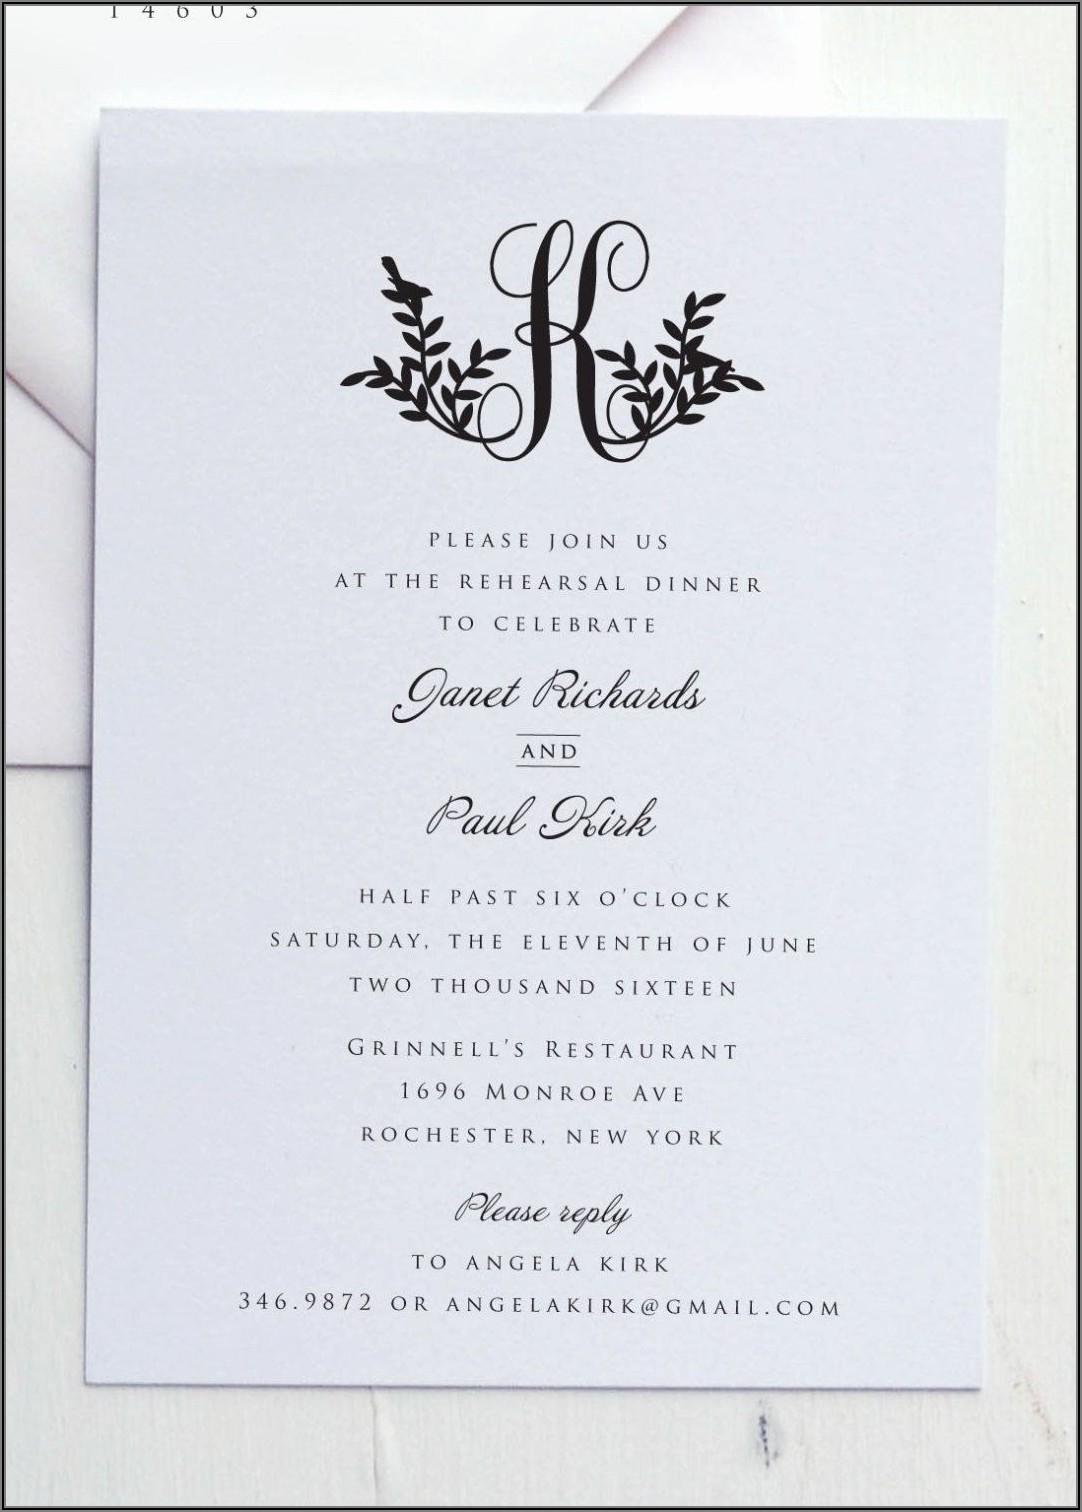 Formal Dinner Invitation Wording